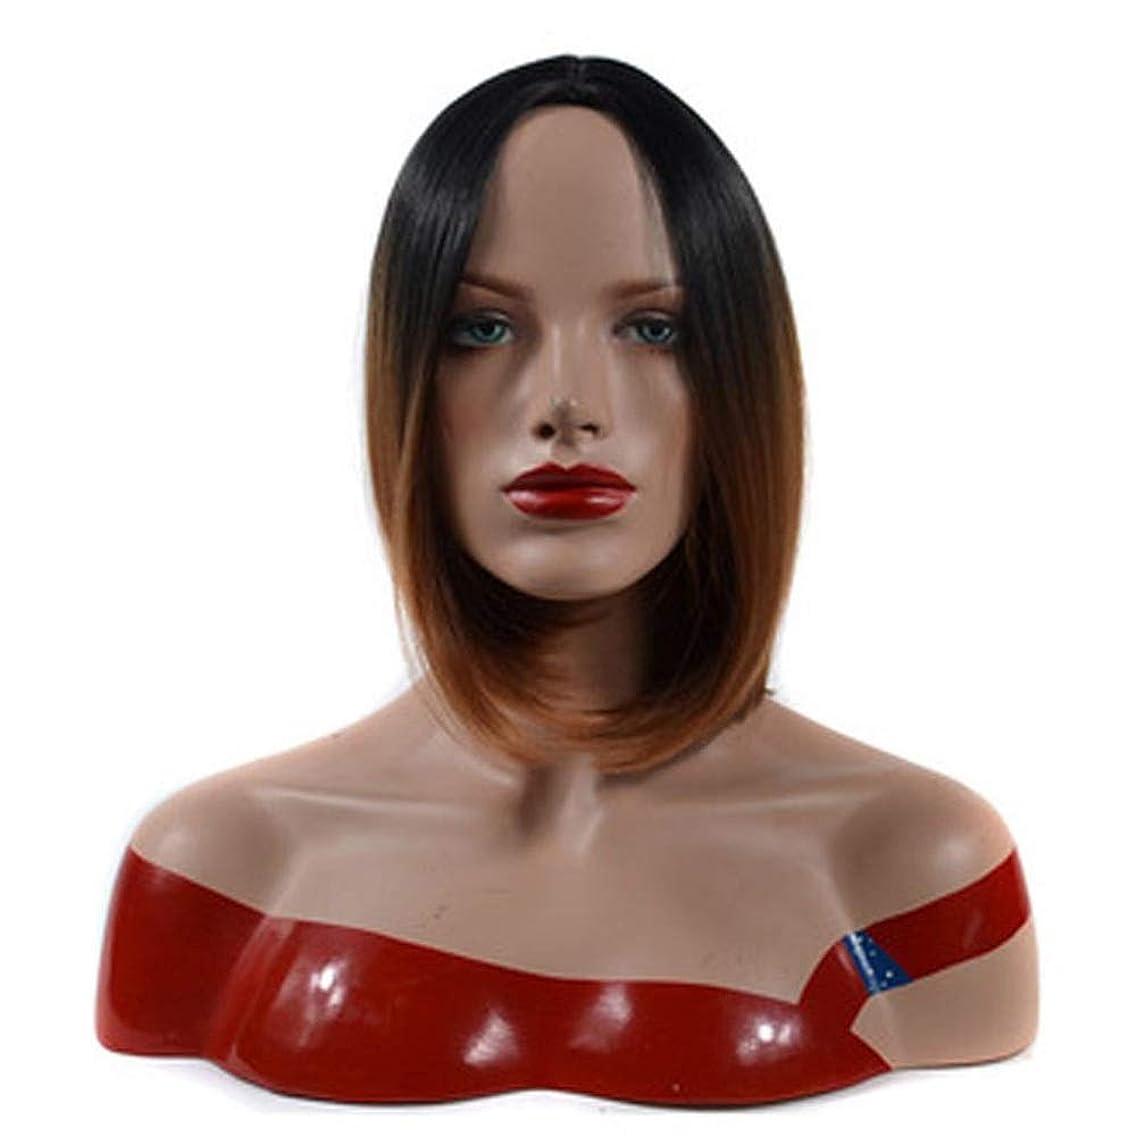 下着マーガレットミッチェル歌手Isikawan 女性のコスプレパーティードレスの黒髪の根のライトブラウンの短いストレートの髪のためのボブウィッグ (色 : Light brown, サイズ : 30cm)